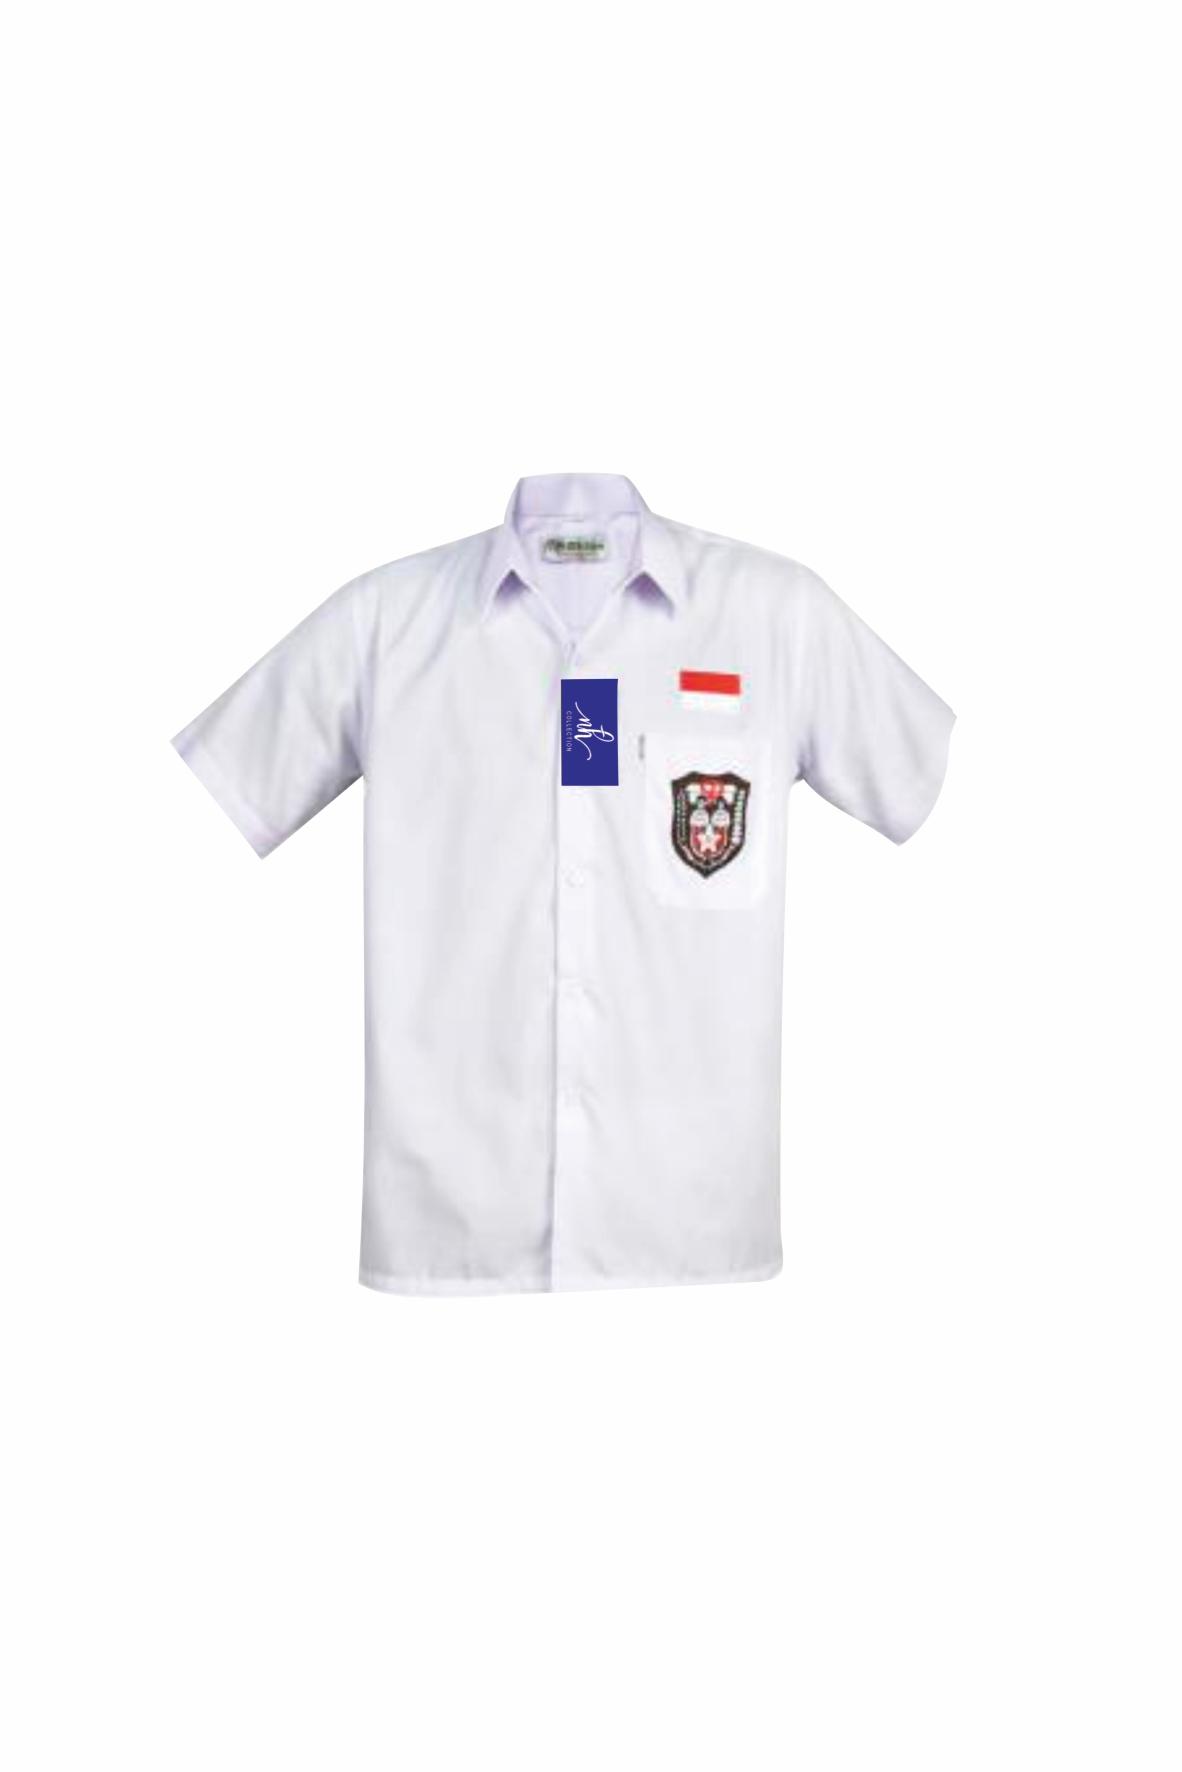 Satu Set Seragam SD Merah Putih Putra | Qusade.id